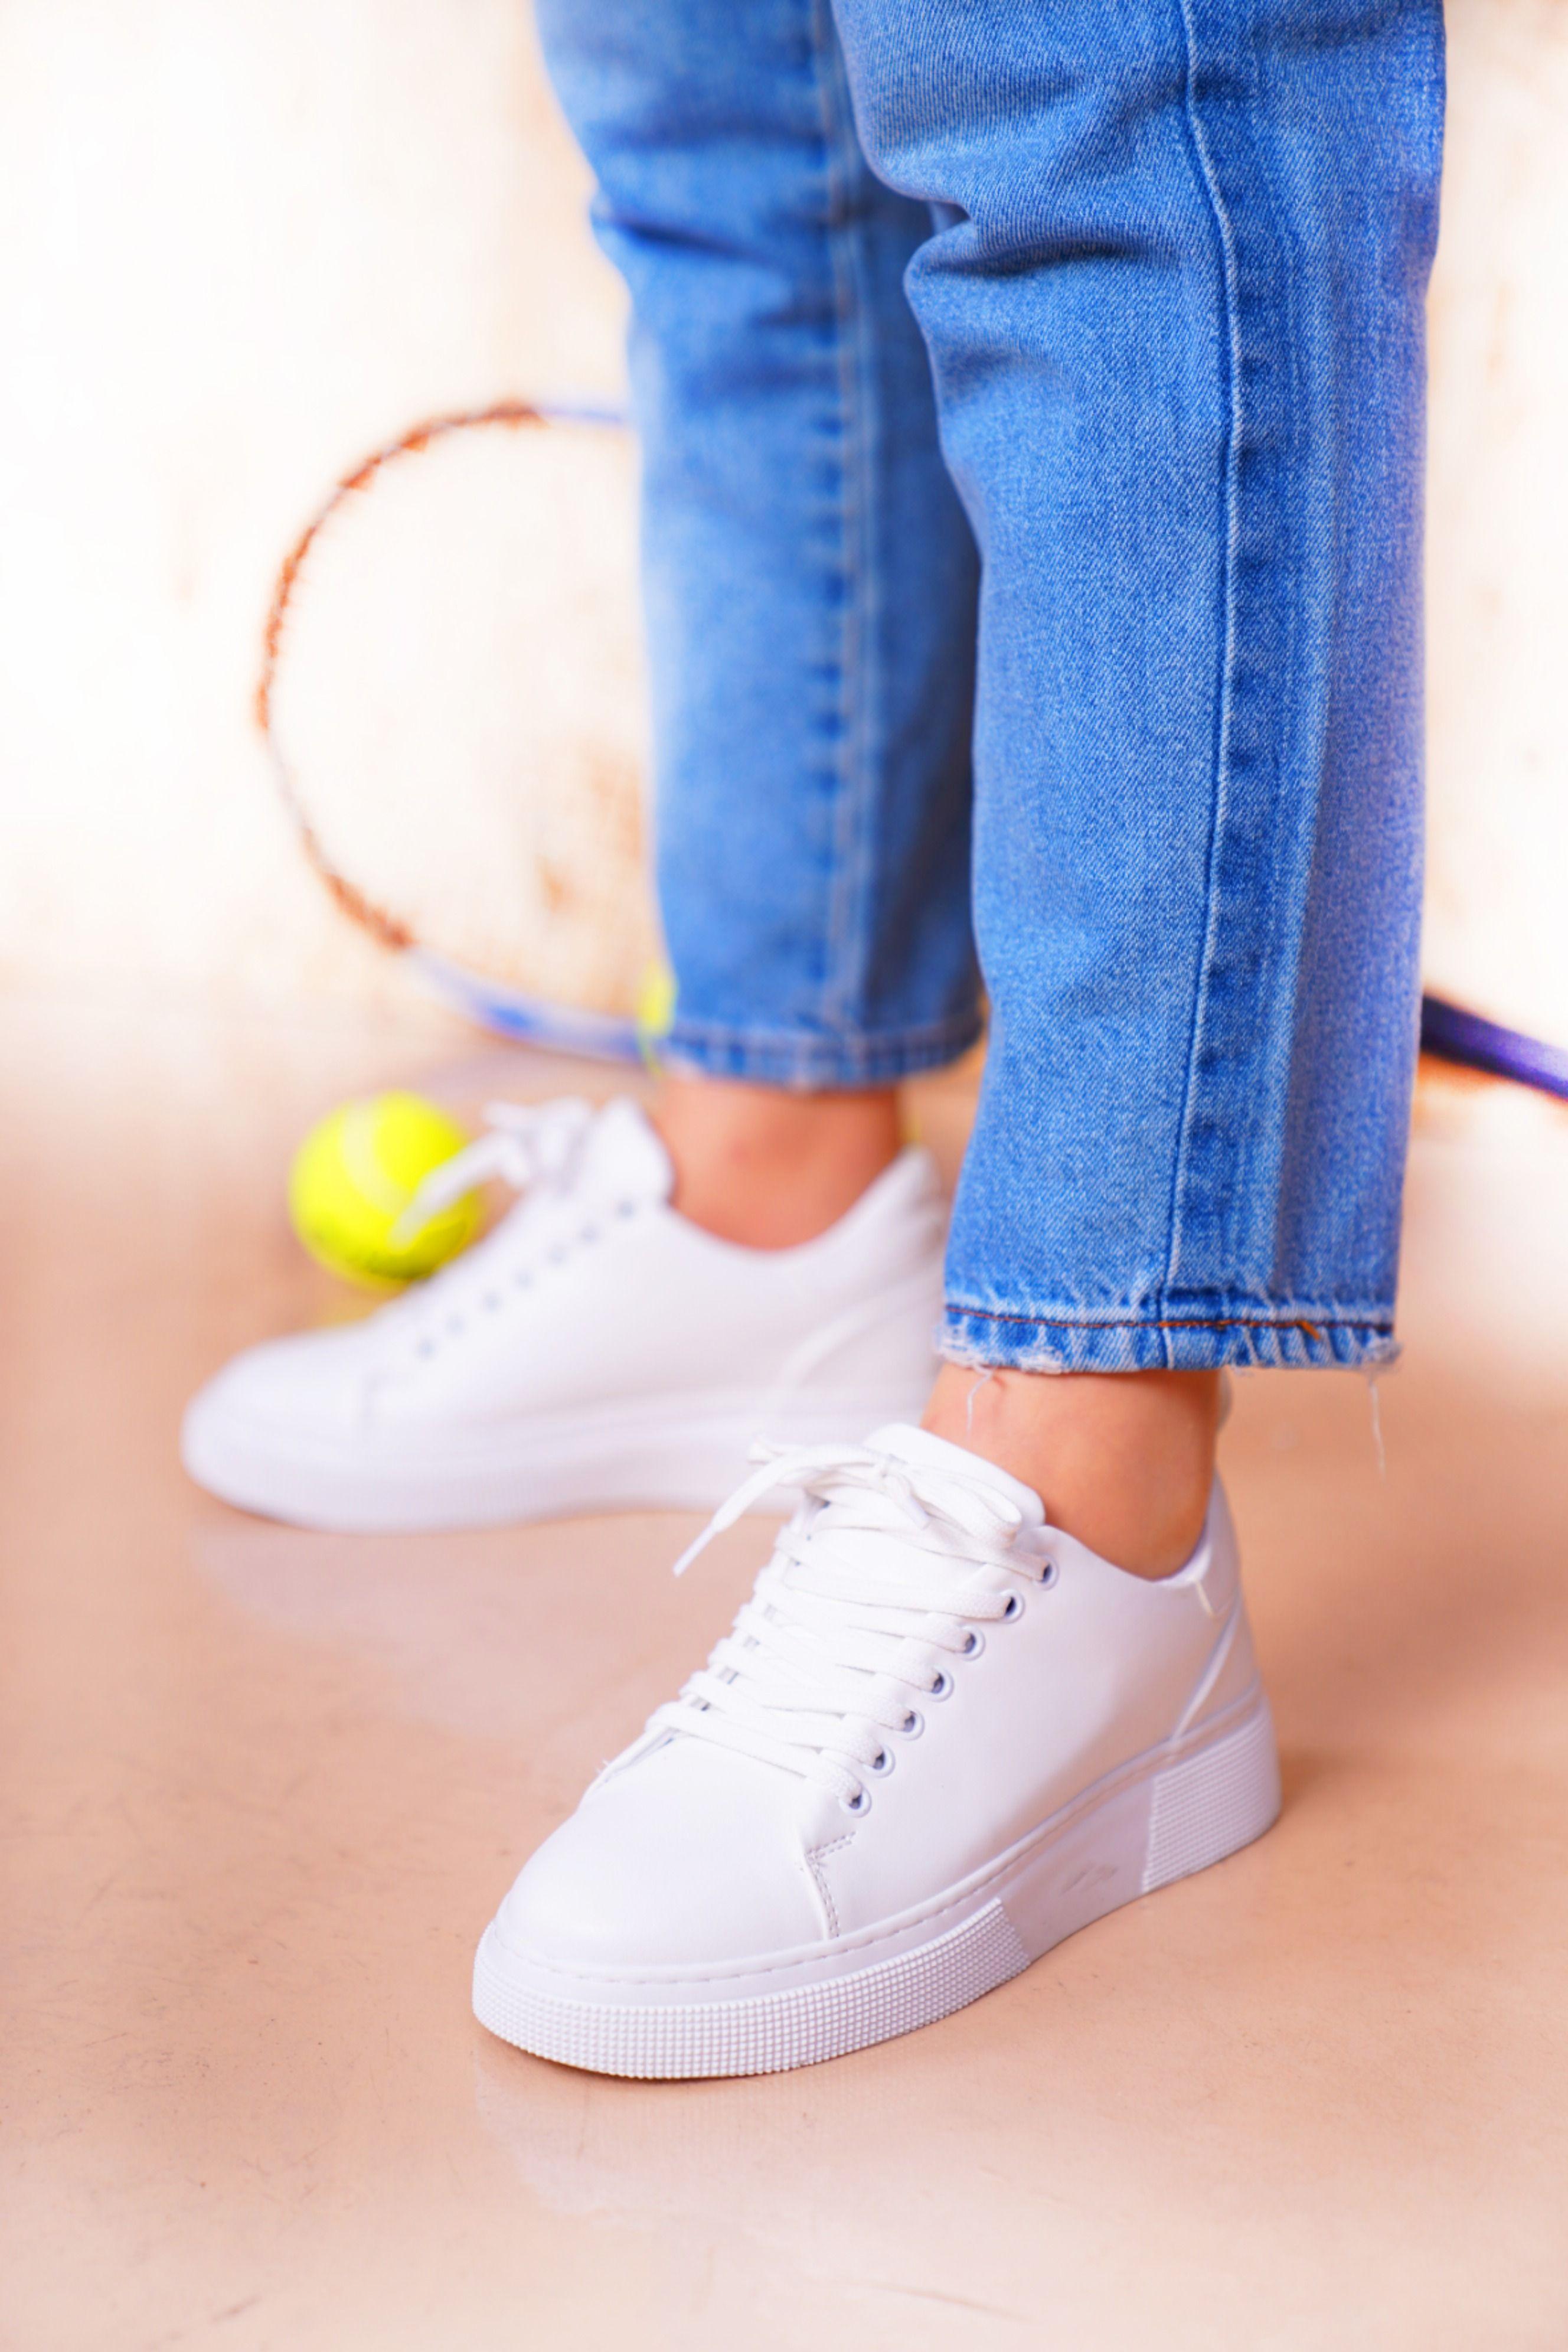 Bayan Beyaz Spor Ayakkabi 2020 Ayakkabilar Spor Ayakabilar Spor